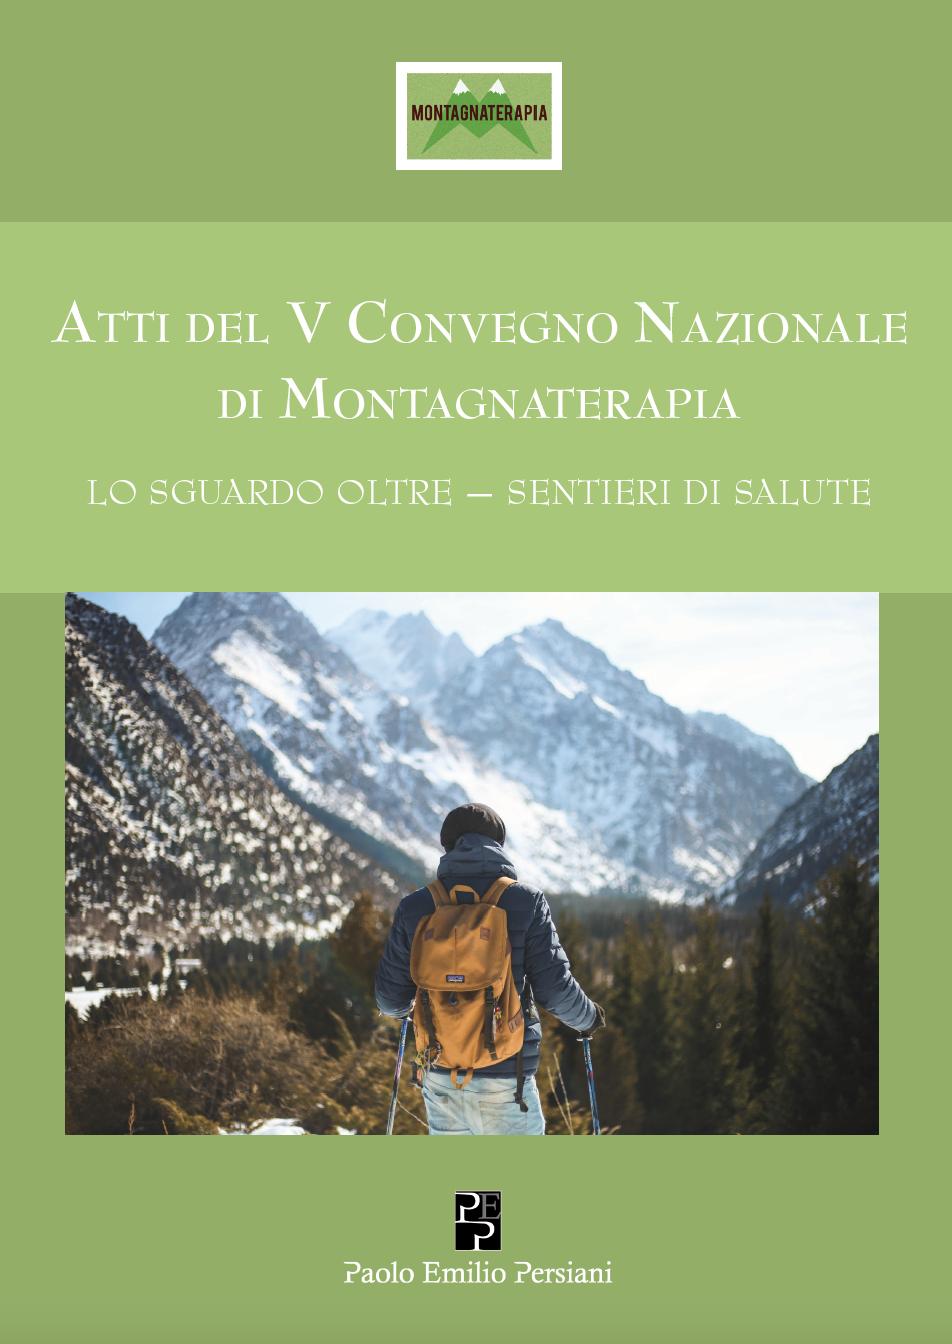 Atti del V Convegno Nazionale di Montagnaterapia